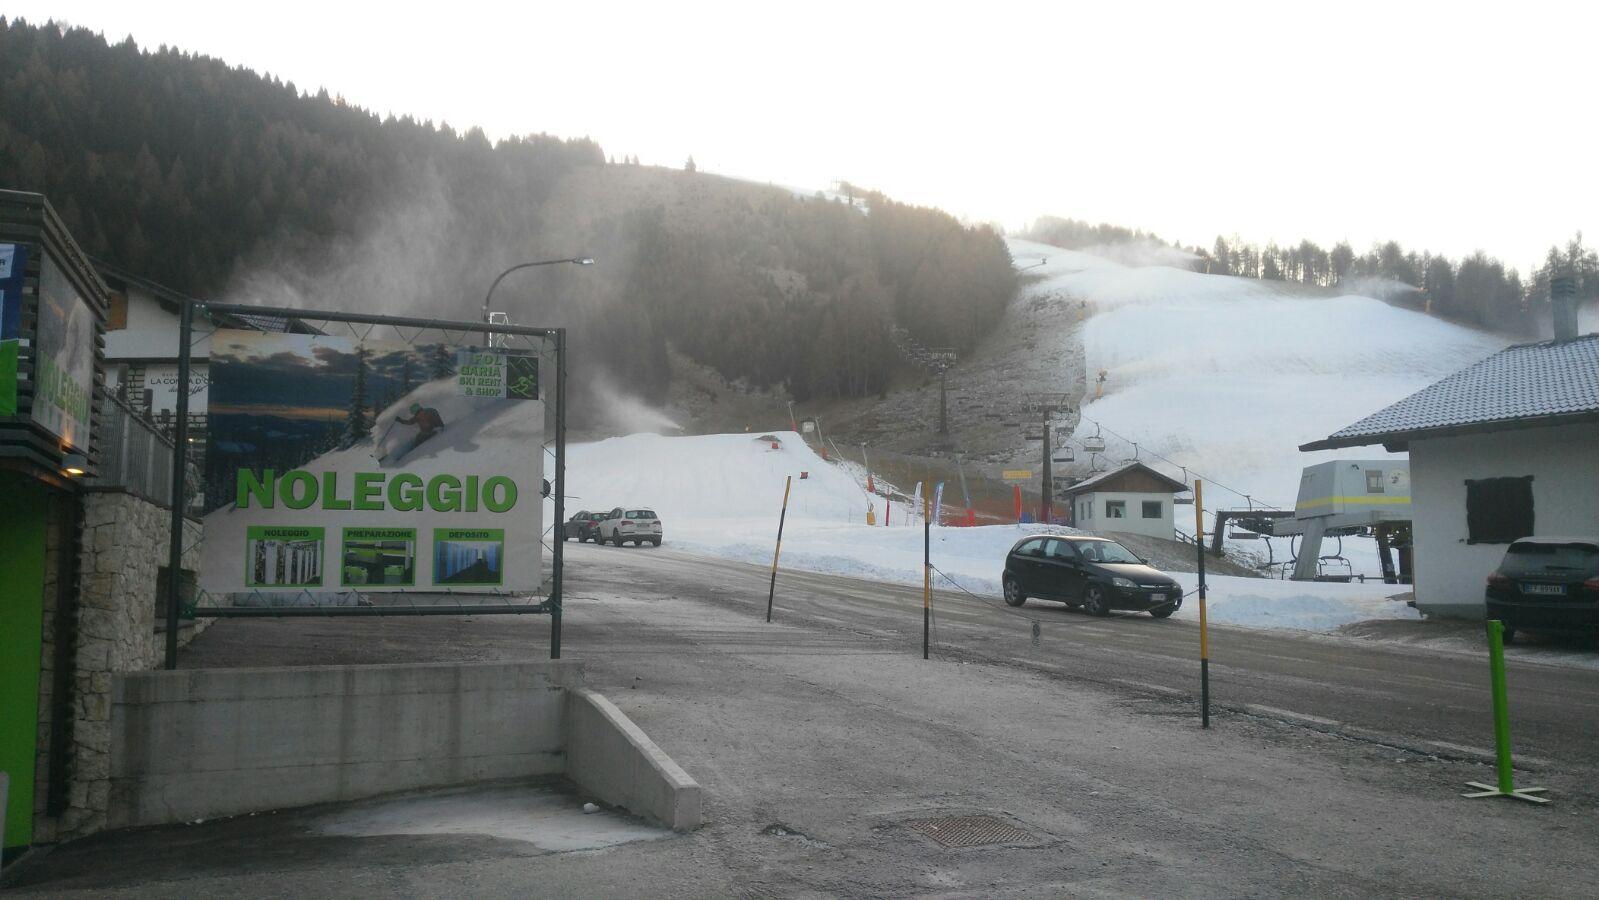 Paesaggi e luoghi d'interesse a Rovereto e dintorni, Adige Taxi Rovereto, TN